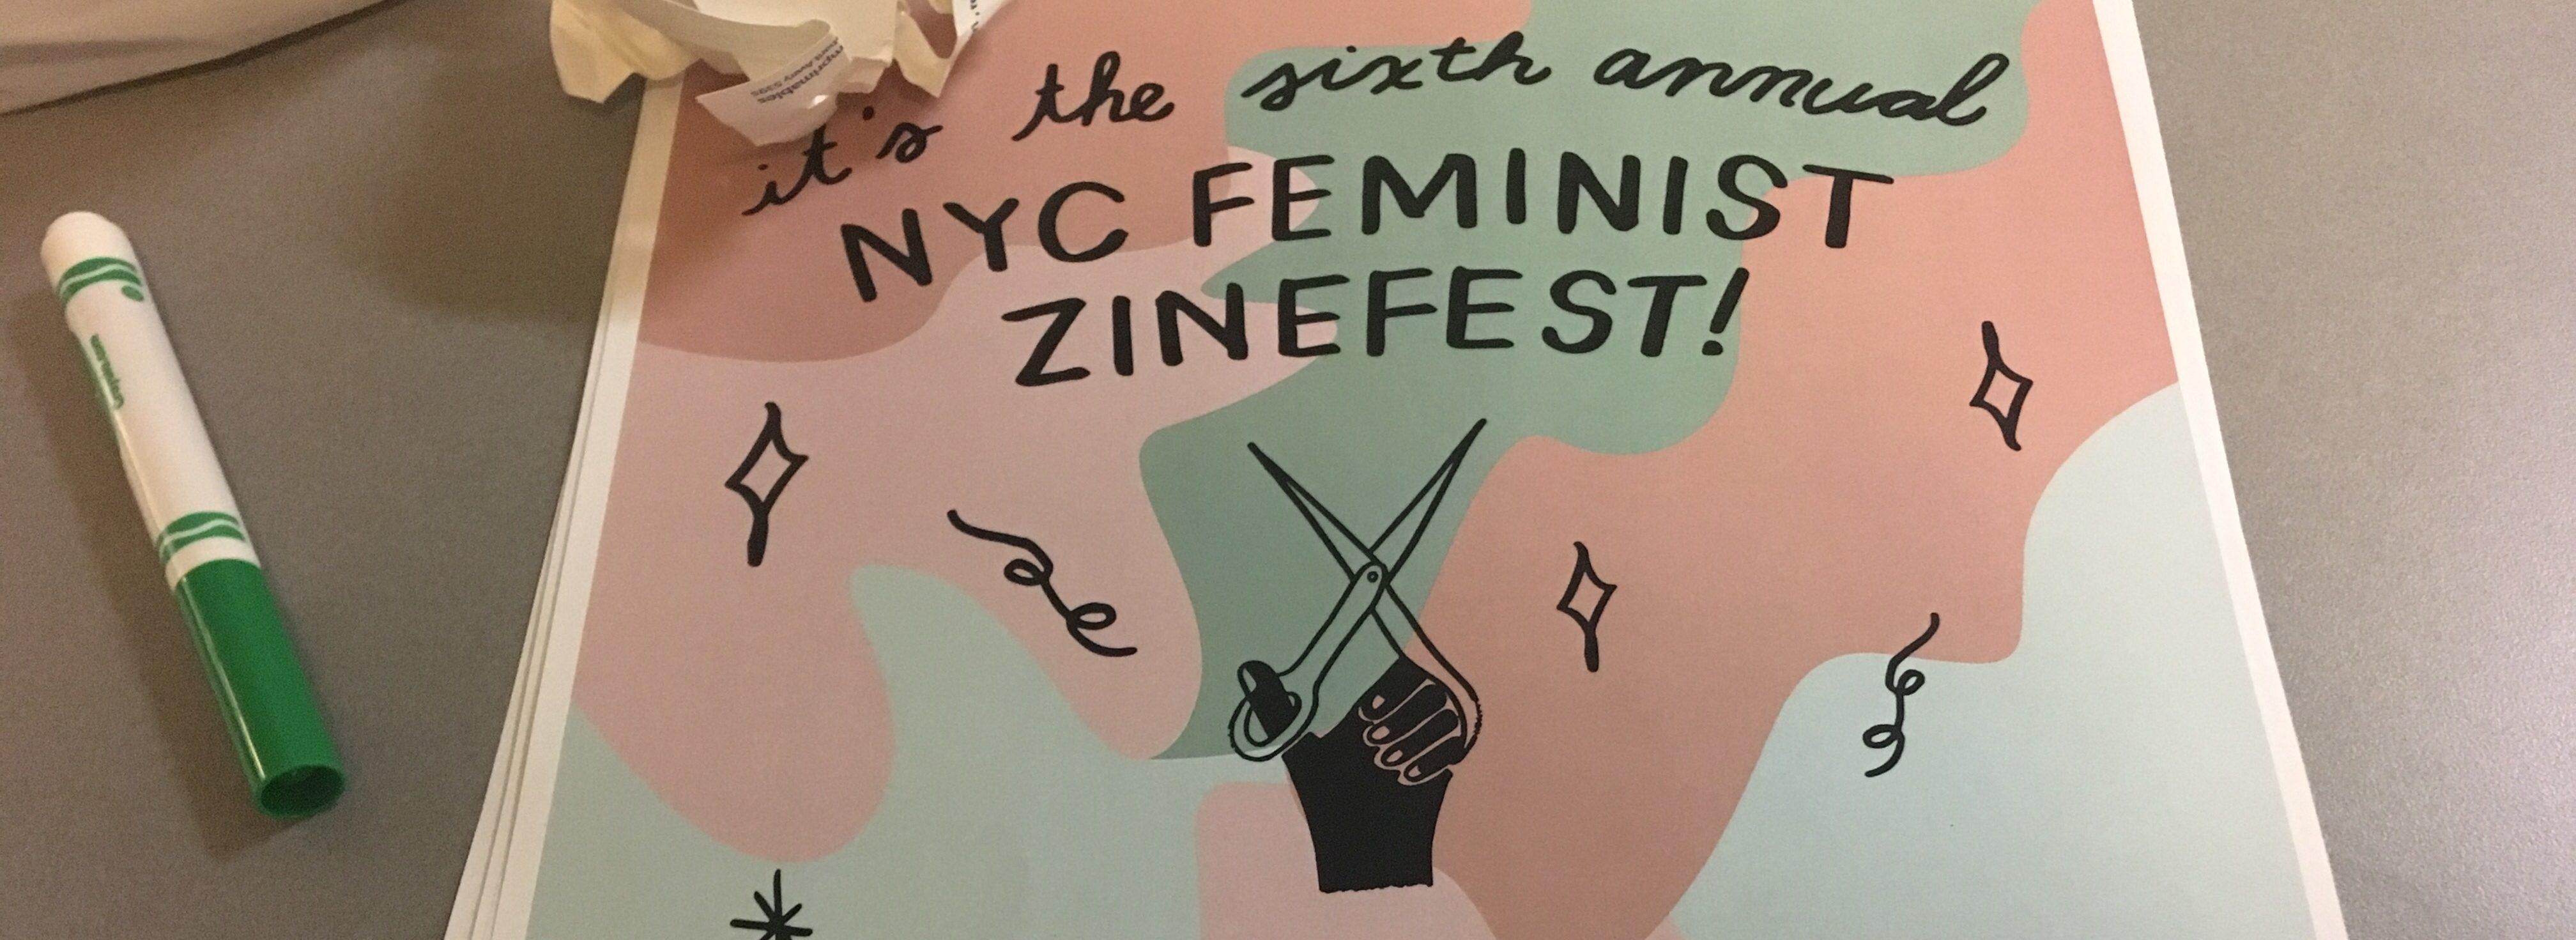 NYC Feminist Zinefest Is A Joy